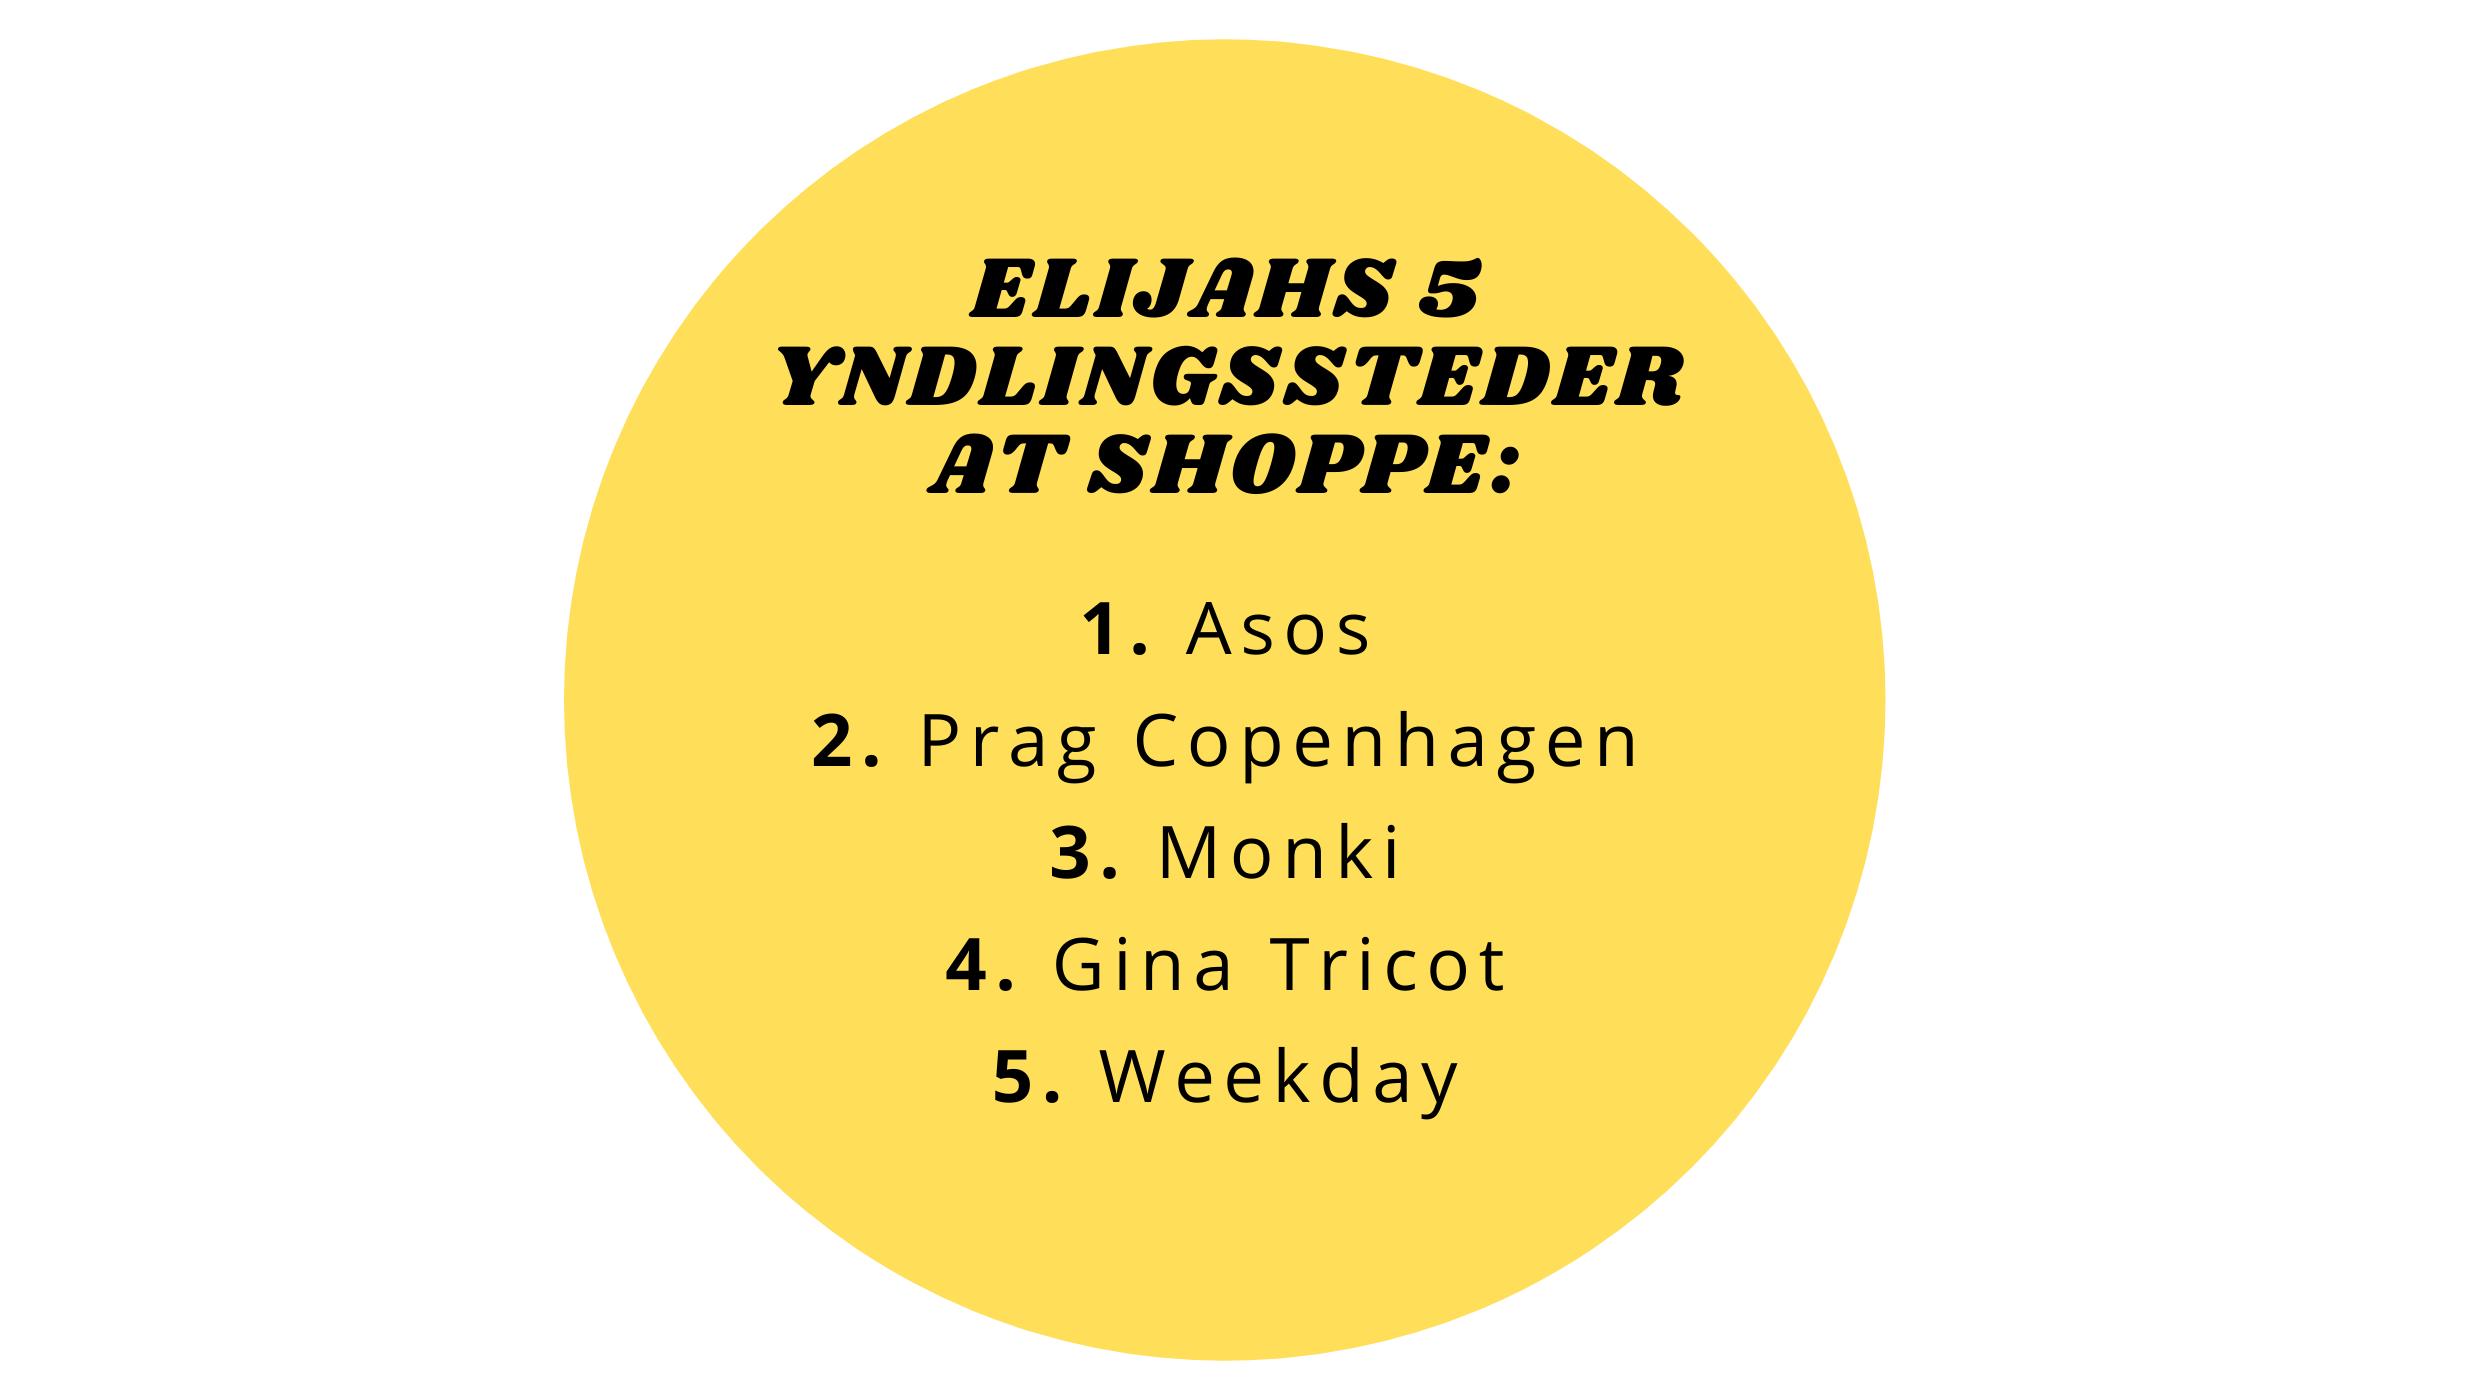 Elijah Kashmir Alis yndlingssteder at shoppe